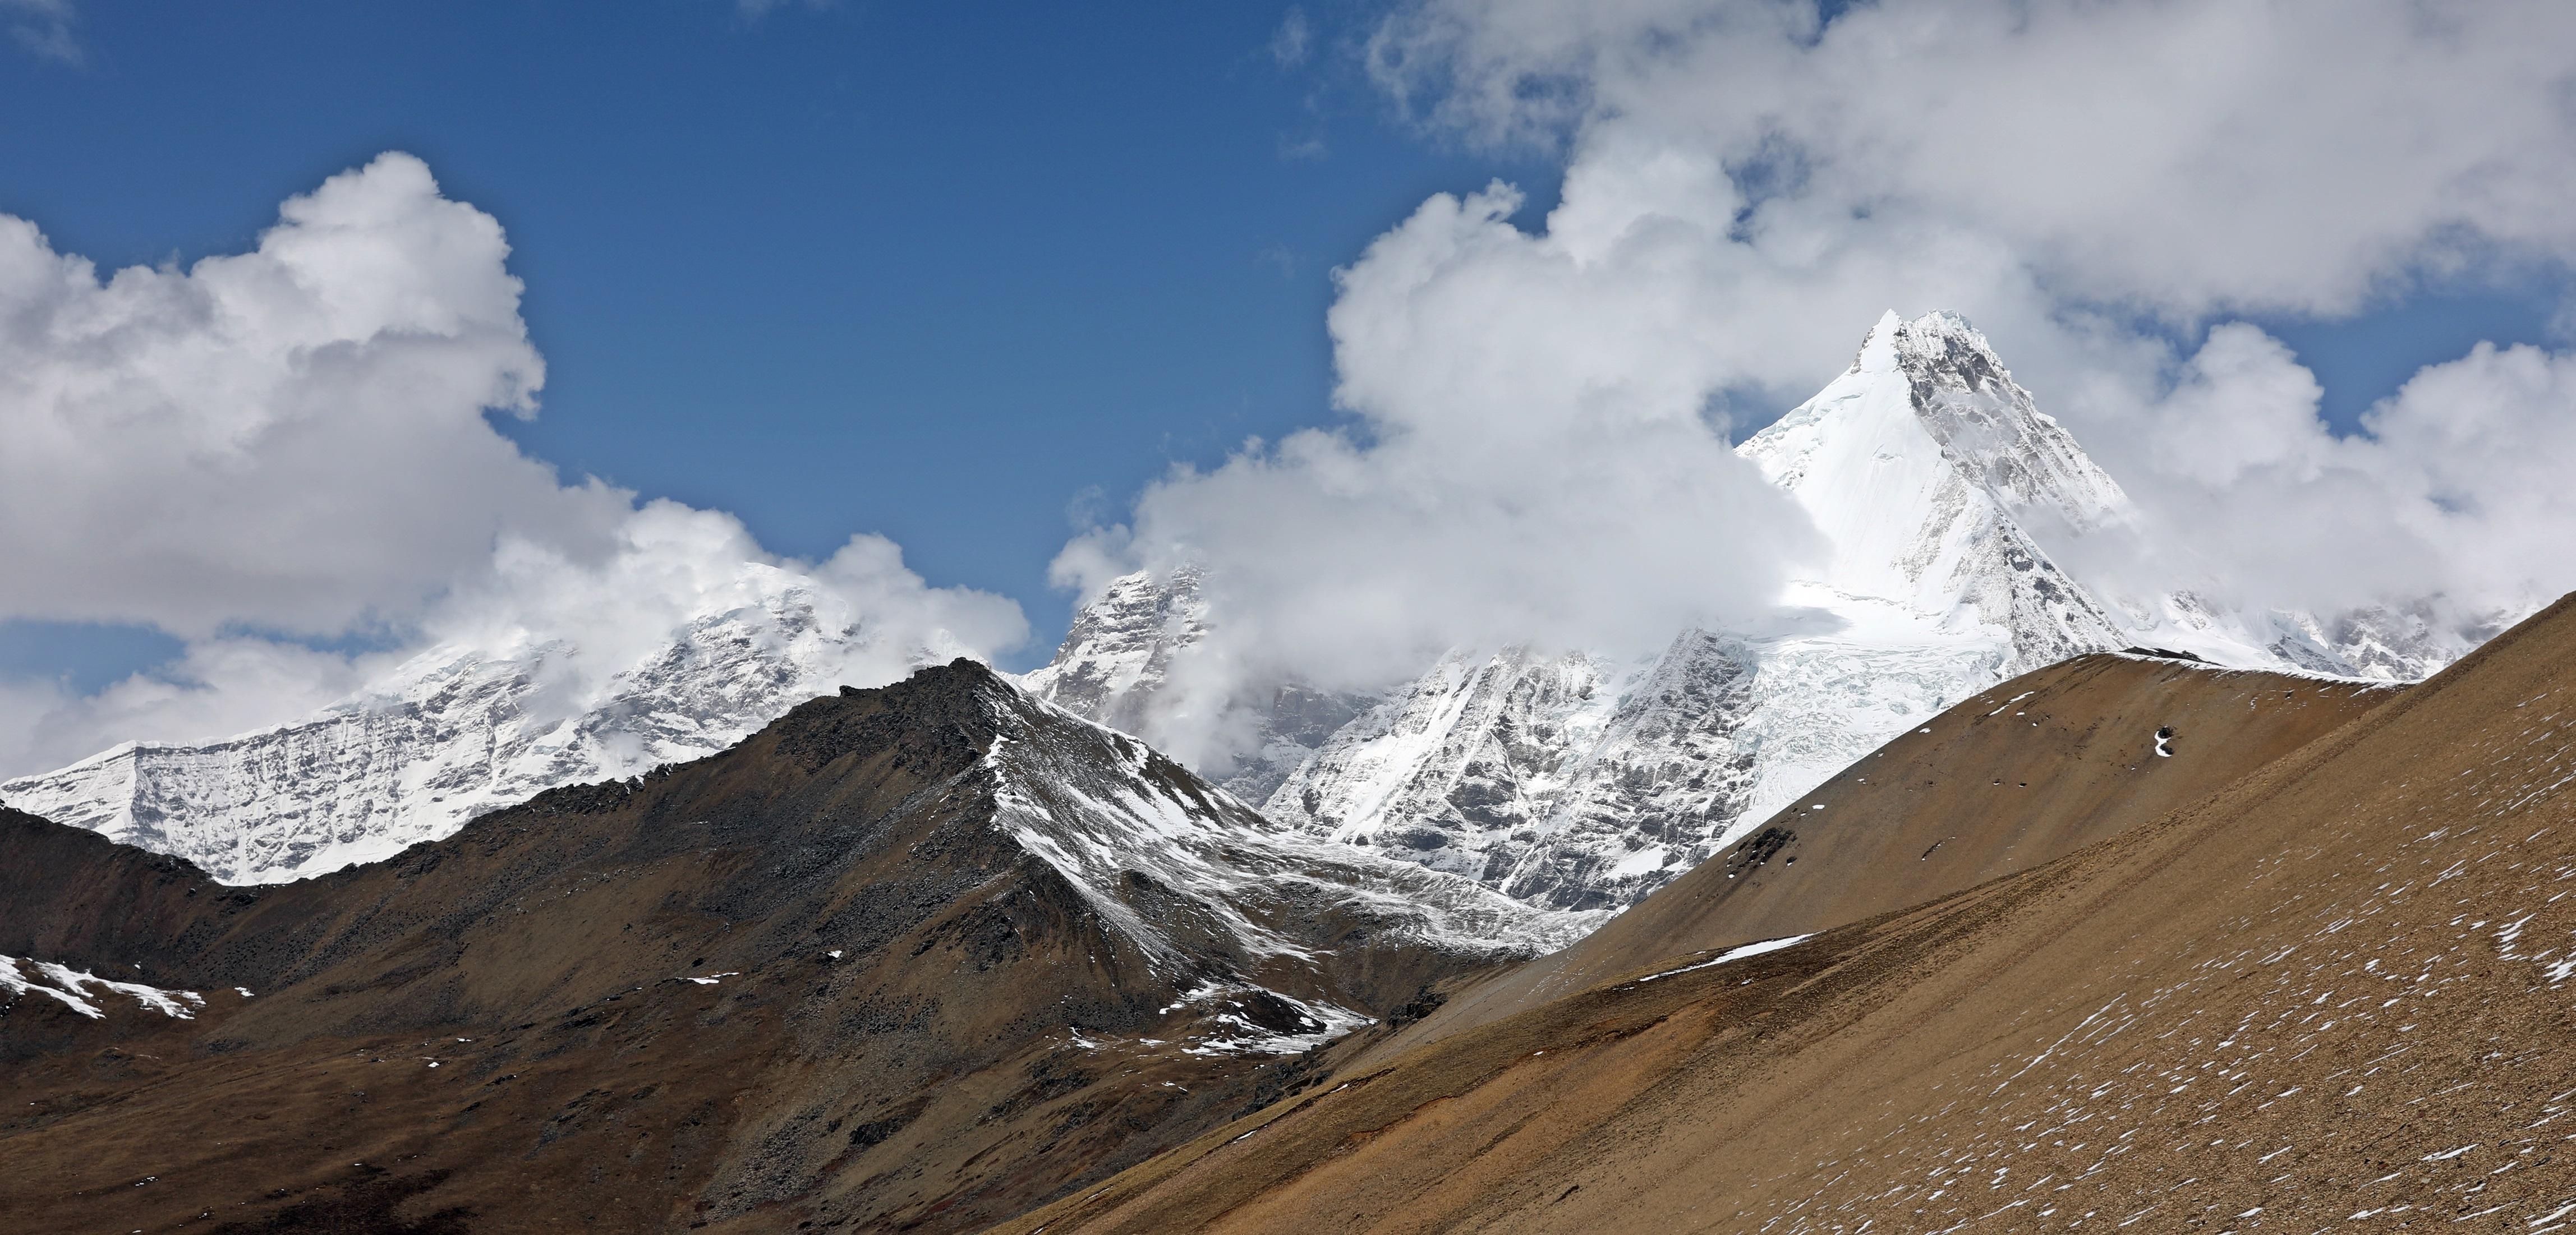 View from Nyili La (Pass)